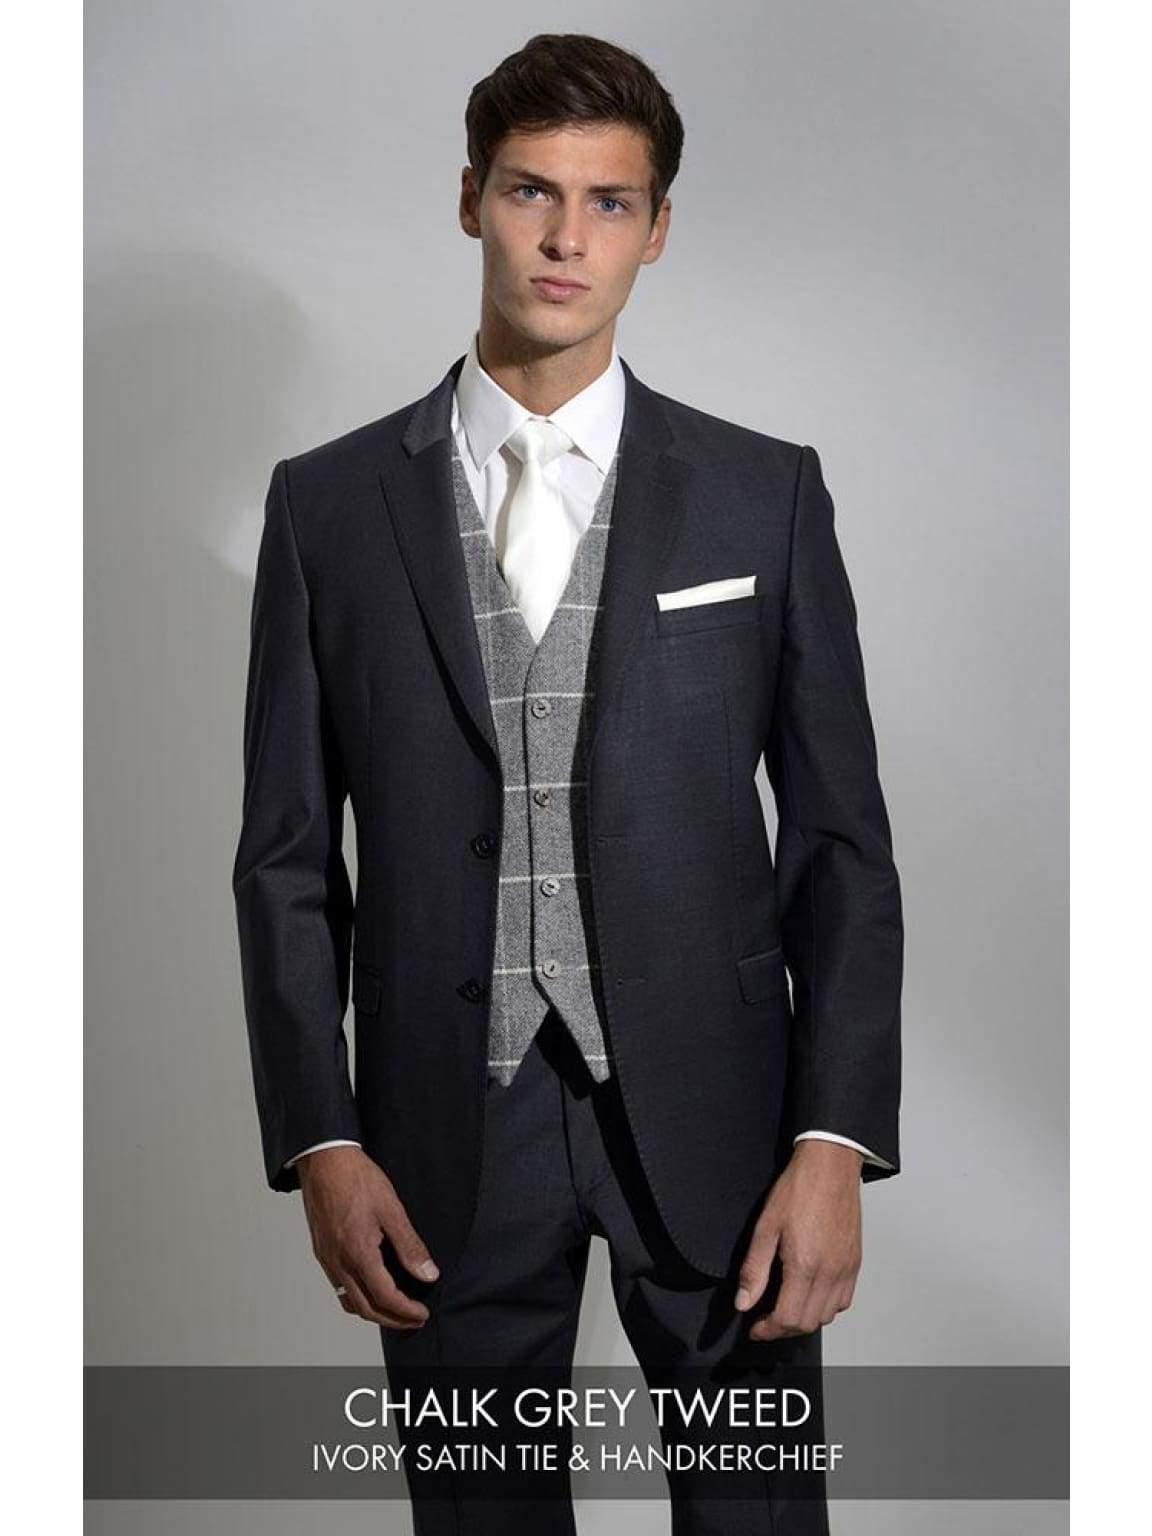 Heirloom Chalk Grey Mens Luxury 100% Wool Tweed Waistcoat - 34R - WAISTCOATS